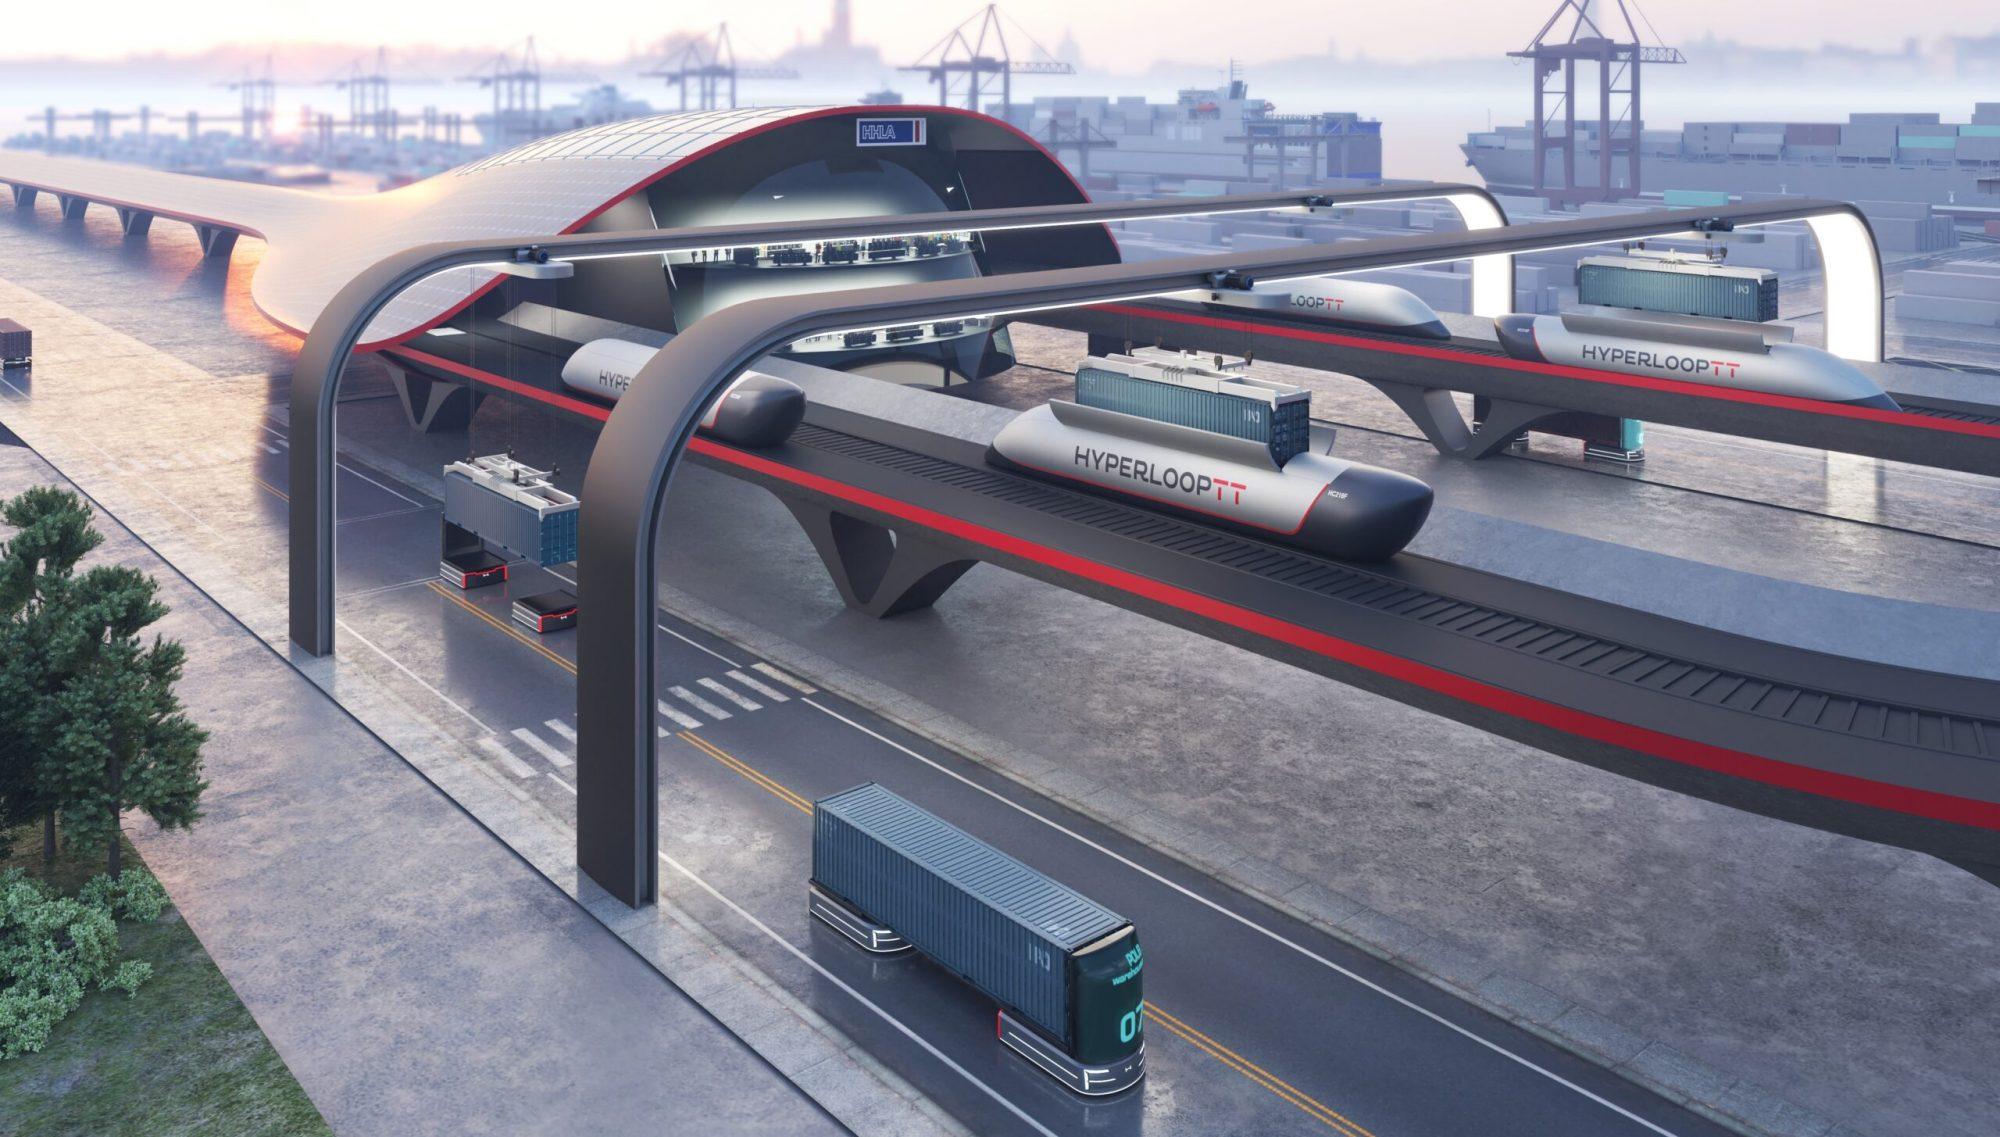 Voici HyperPort, un super-train aussi rapide qu'un avion